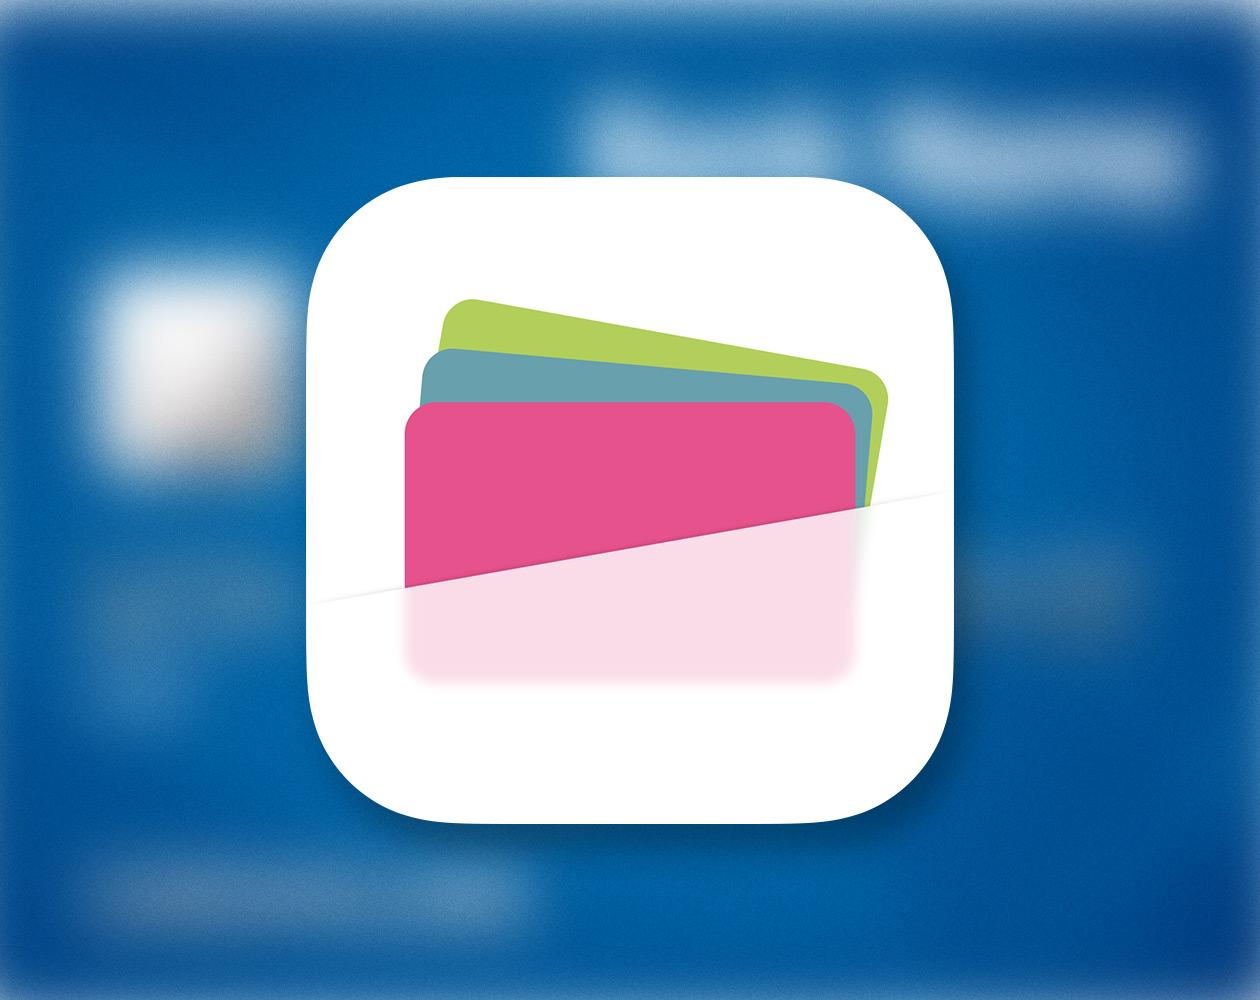 Stocard для iPhone: приложение для удобного хранения дисконтных карт